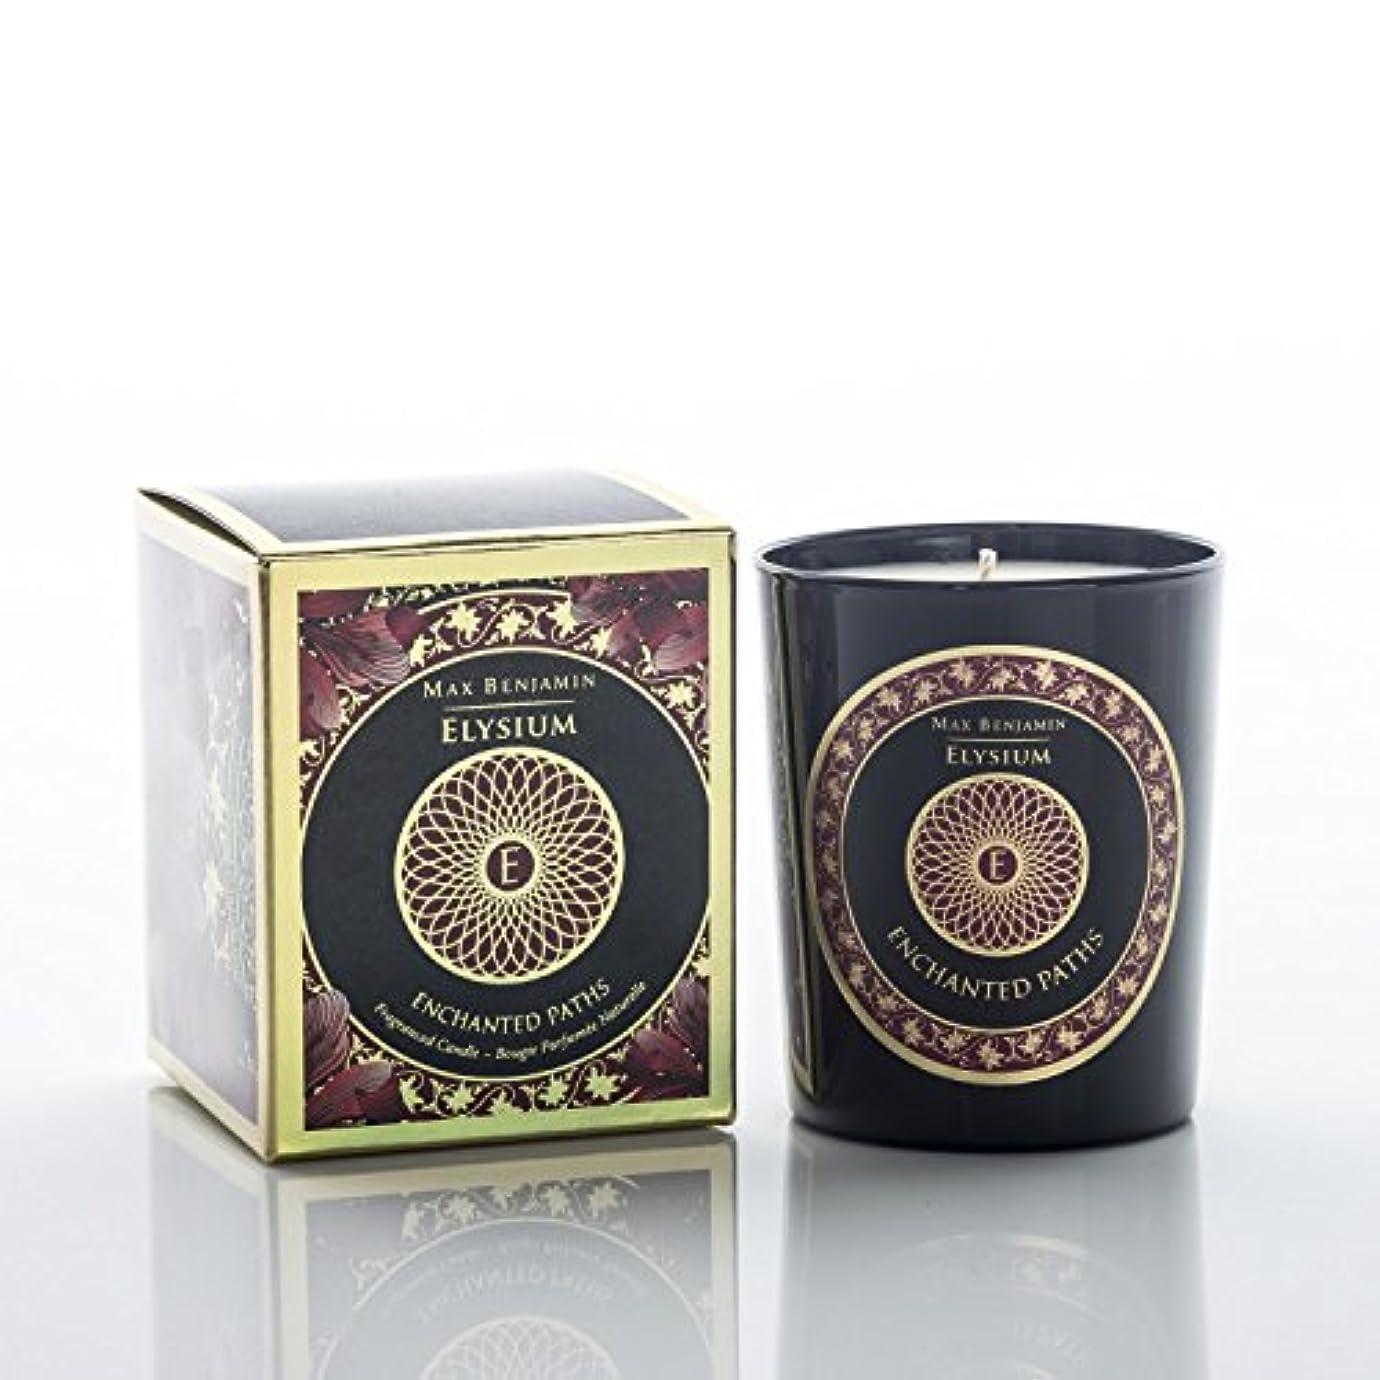 不調和四申請中Max Benjamin Elysium Candle香りつき190 gガラスJar MB-EC1